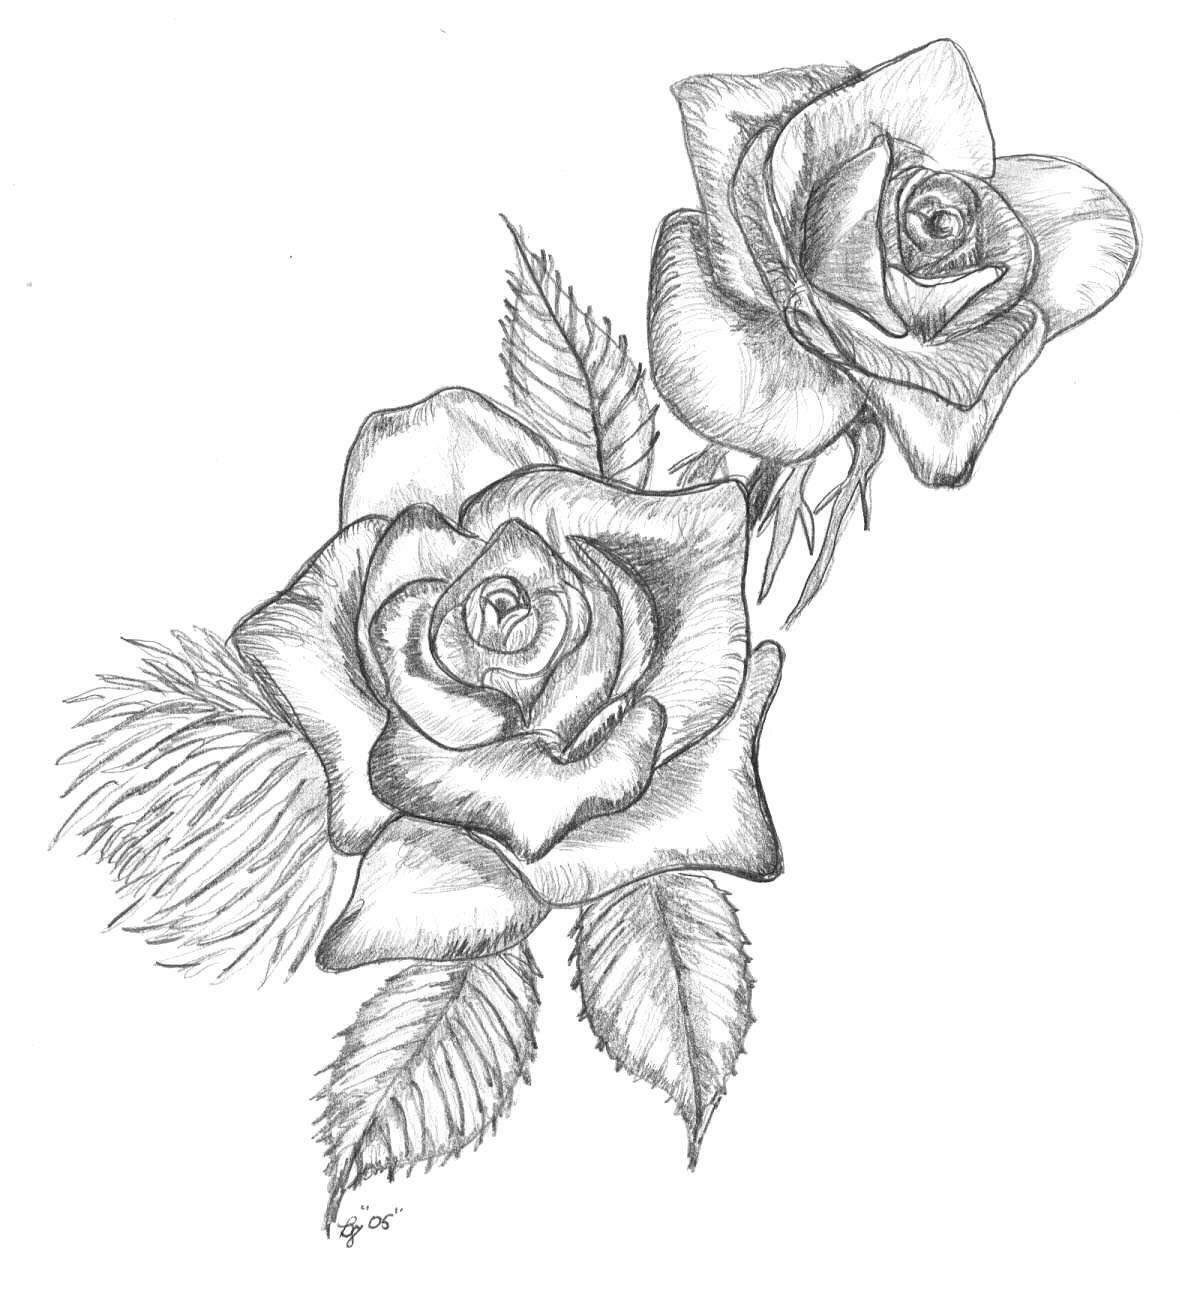 Черно белые рисунки карандашом простые